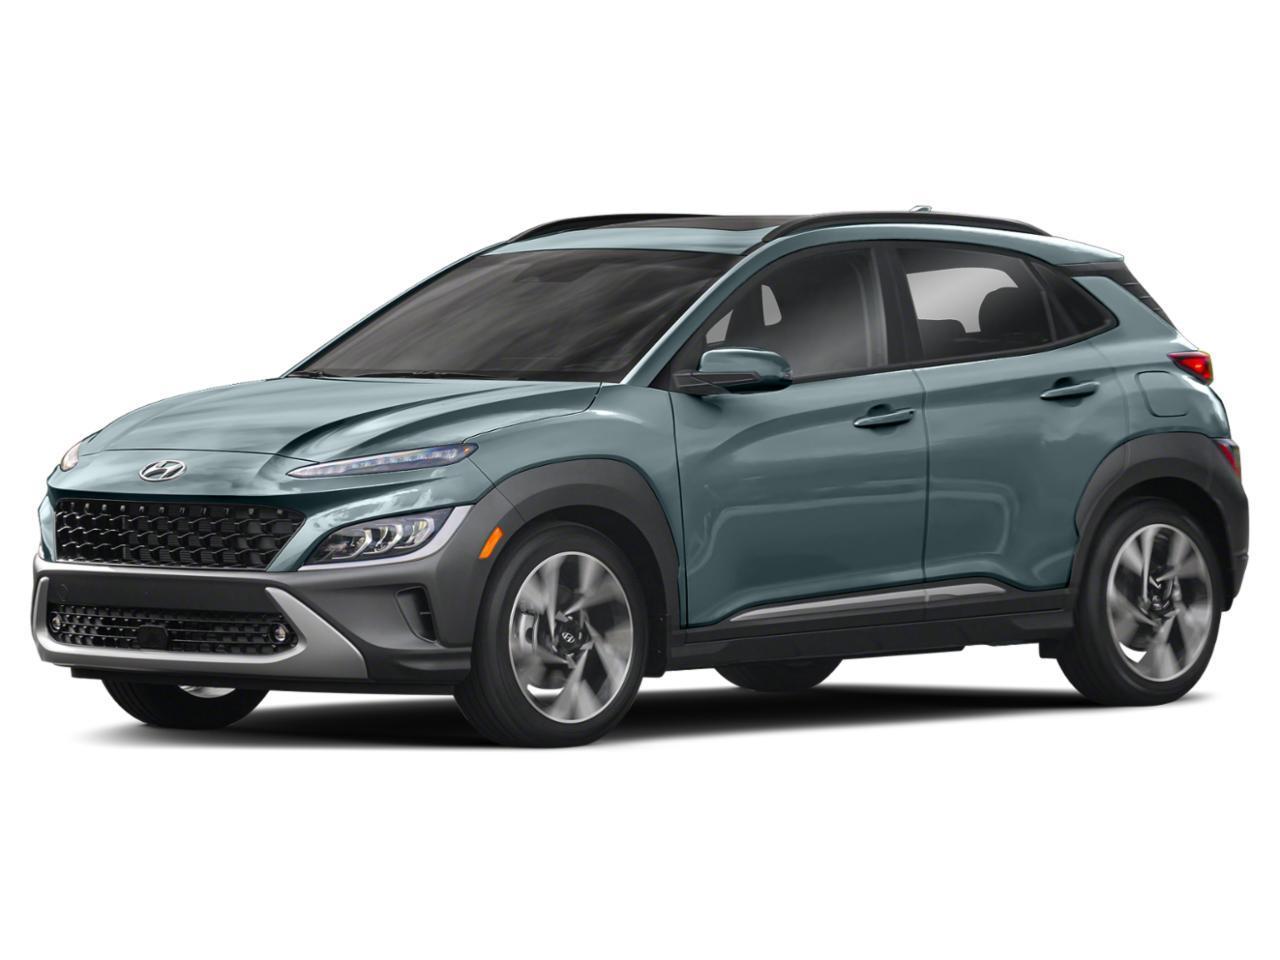 2022 Hyundai Kona Vehicle Photo in Peoria, IL 61615